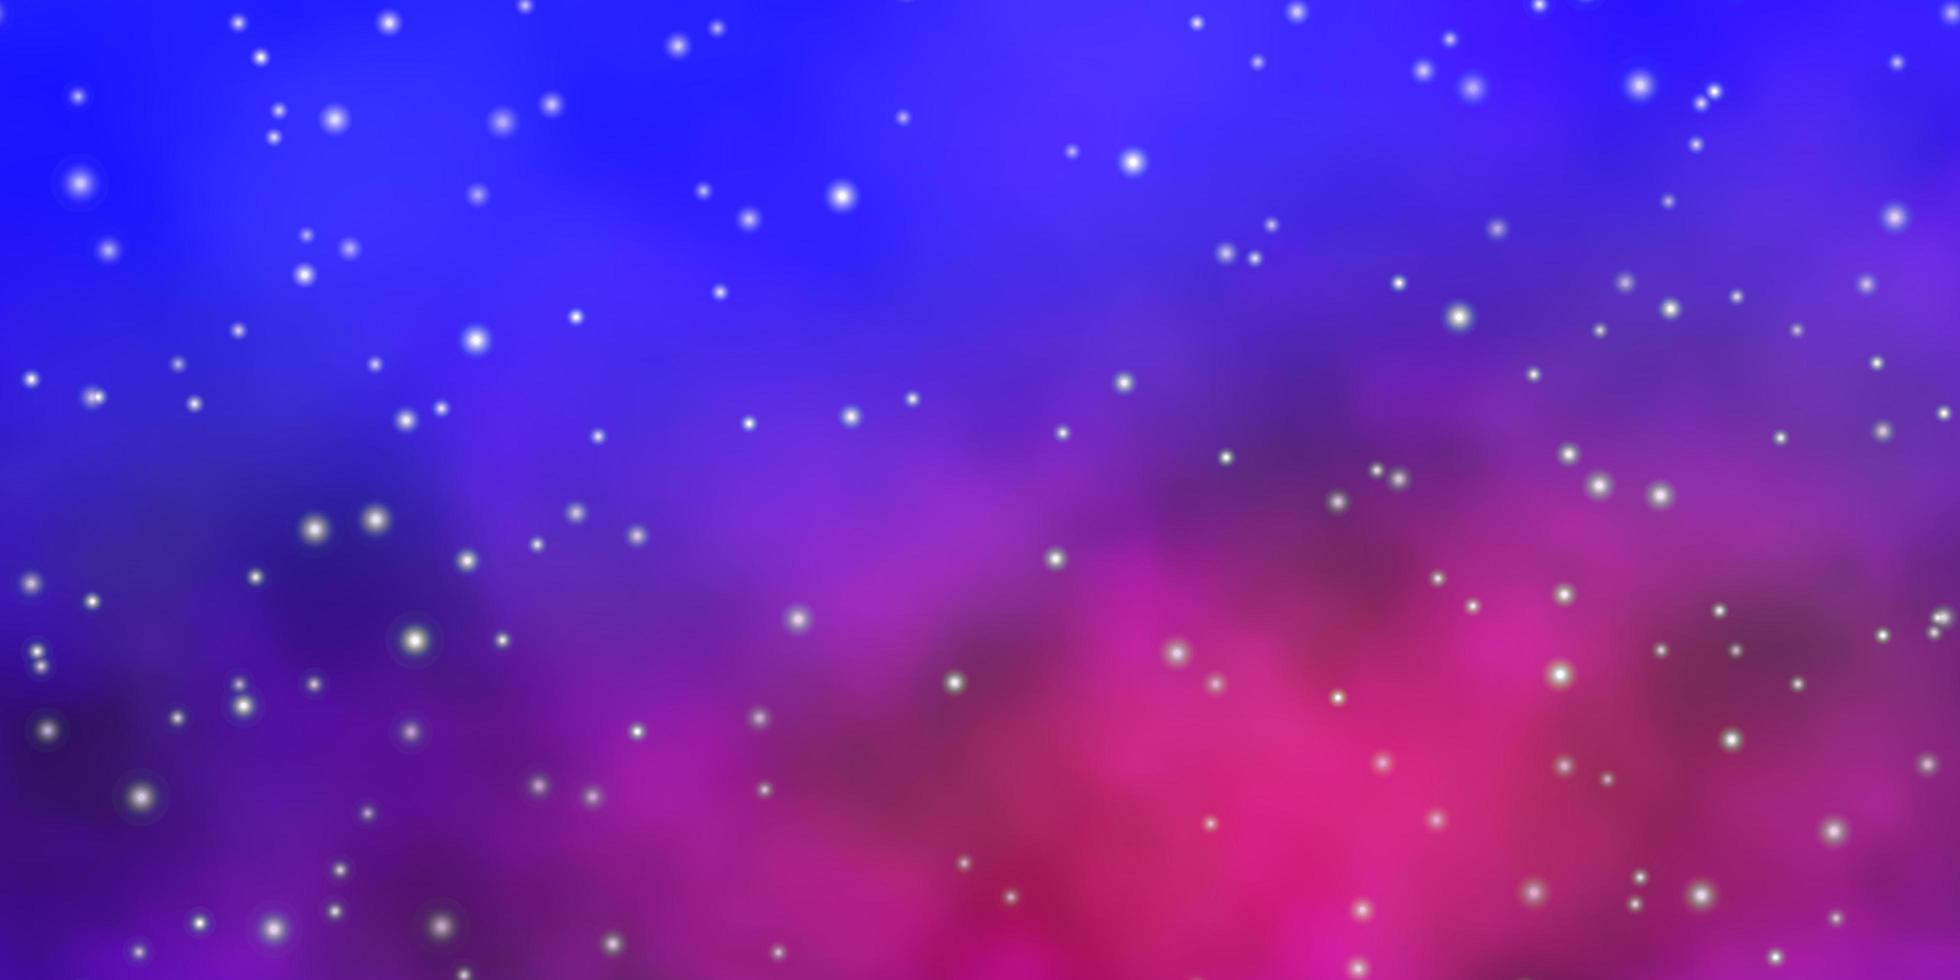 modèle bleu et rose avec des étoiles. vecteur